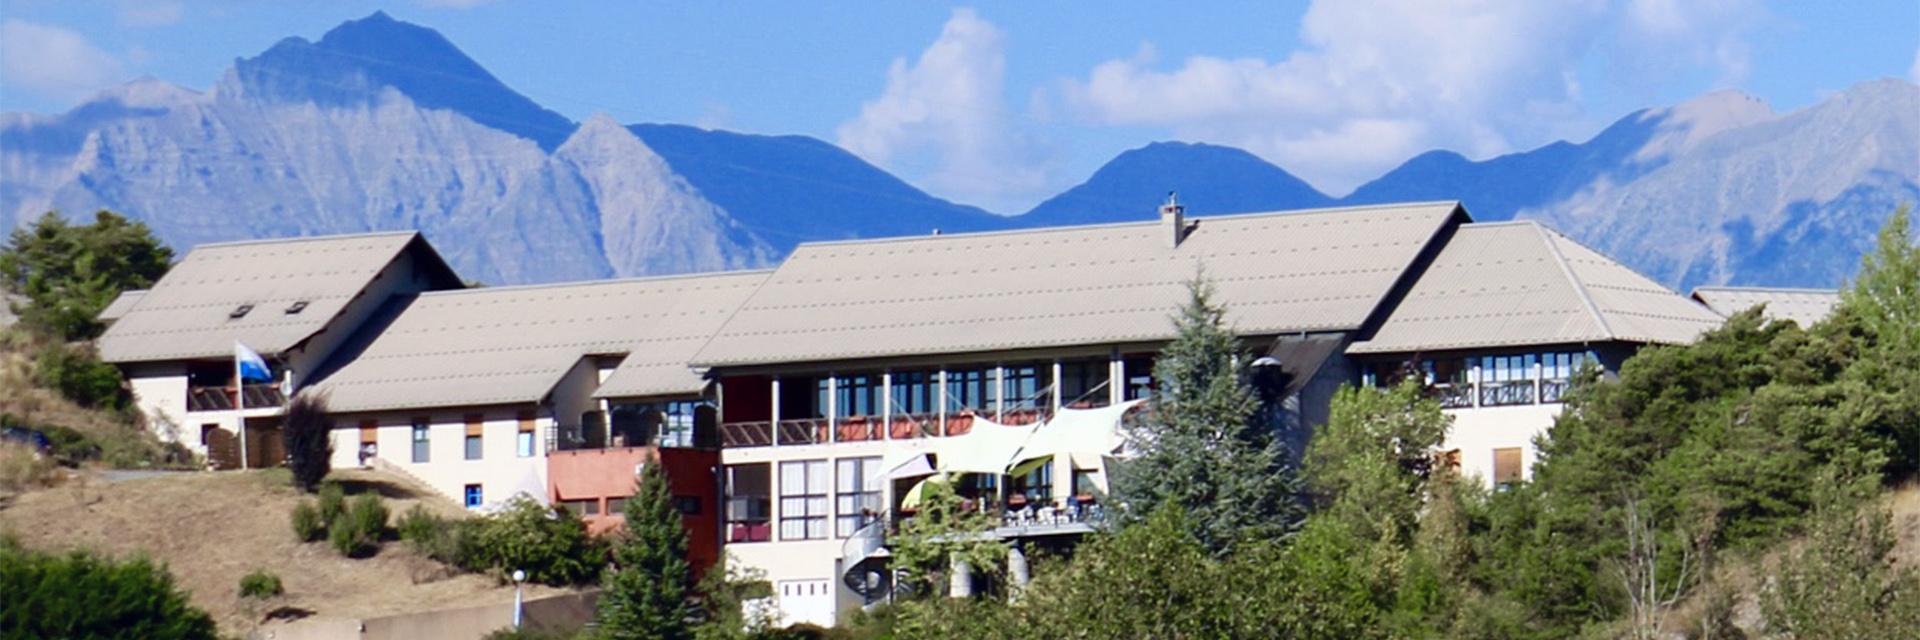 Village_club_vacances_alpes-de-haute-provence_rechastel_village-vue